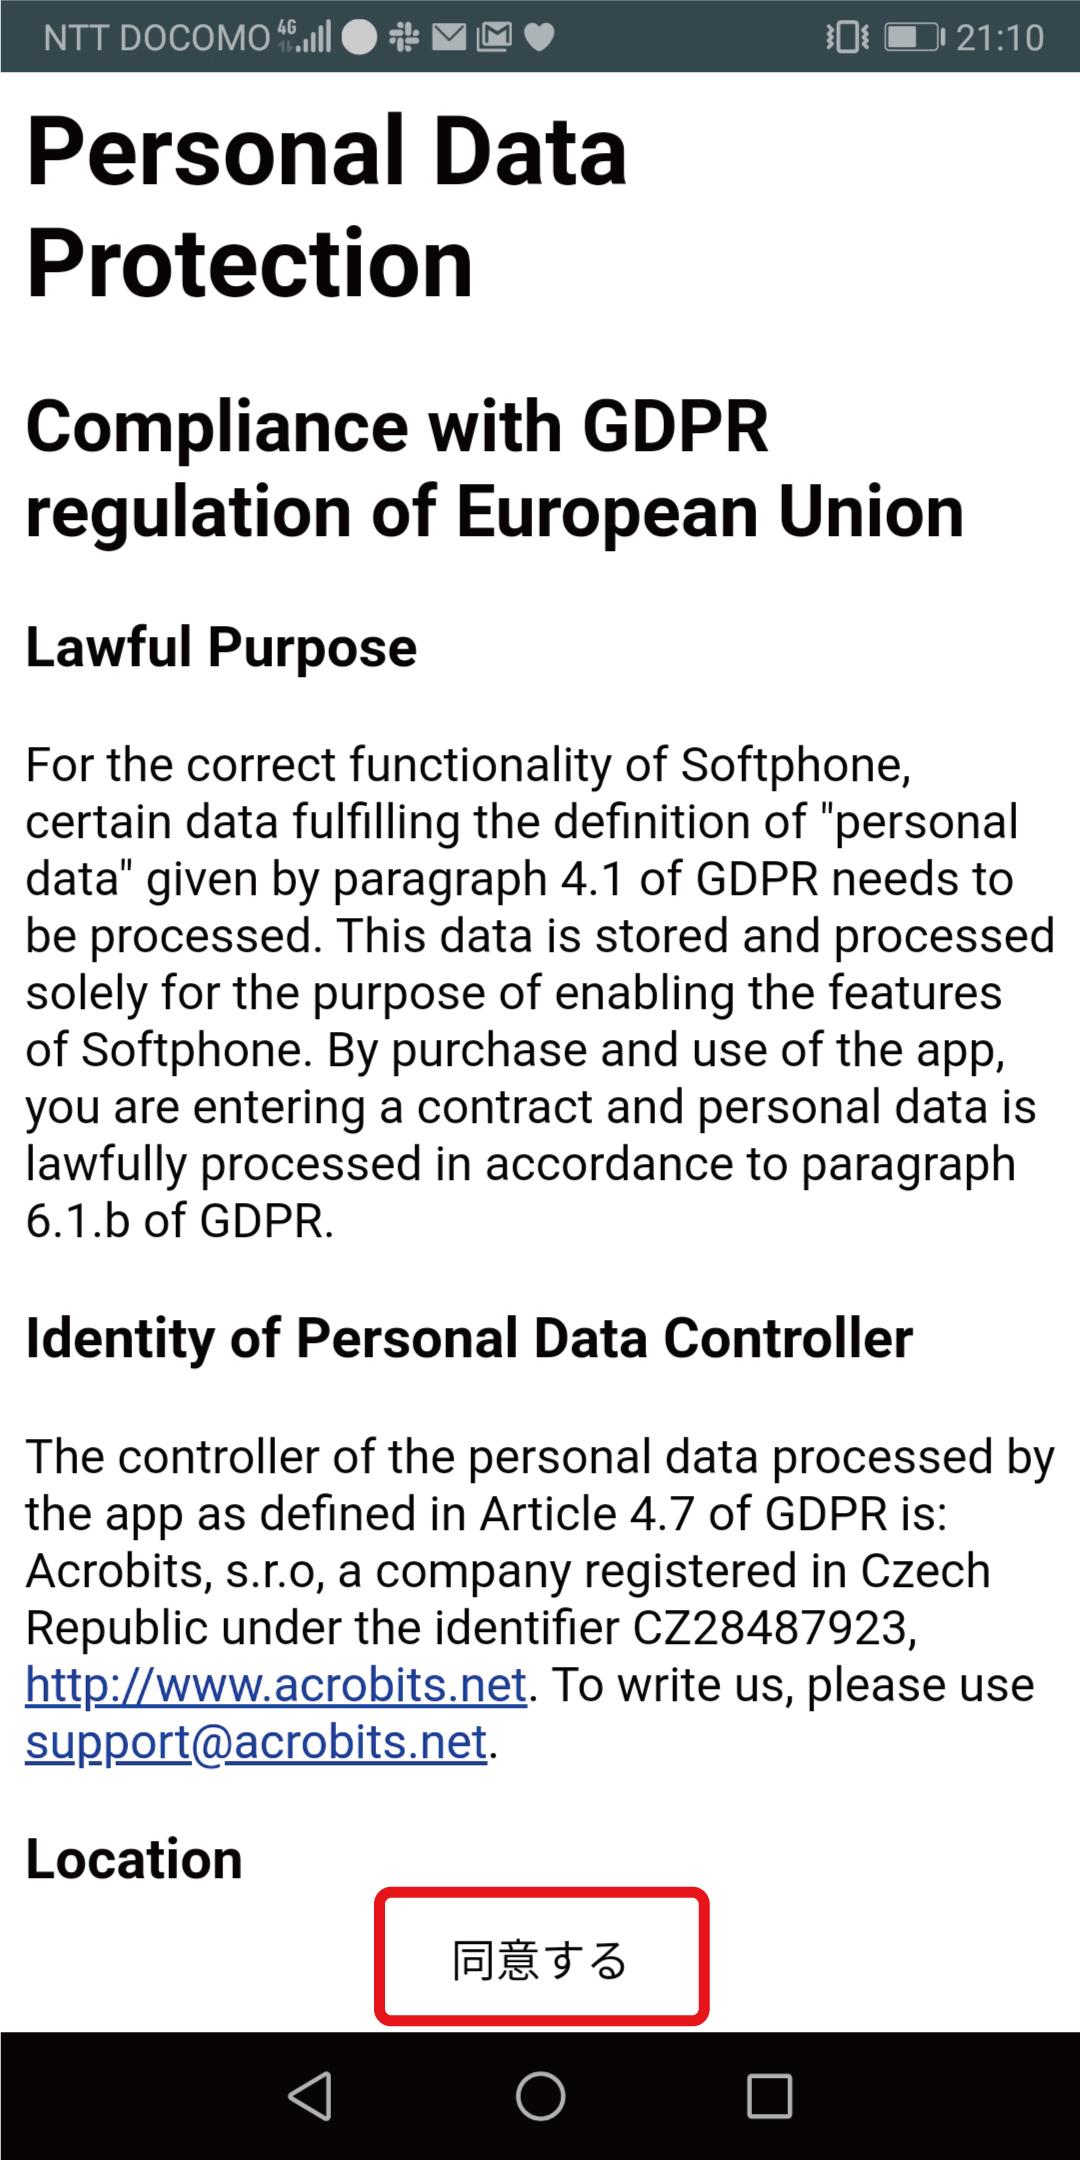 アクロビッツソフトフォンのプッシュ通知許可